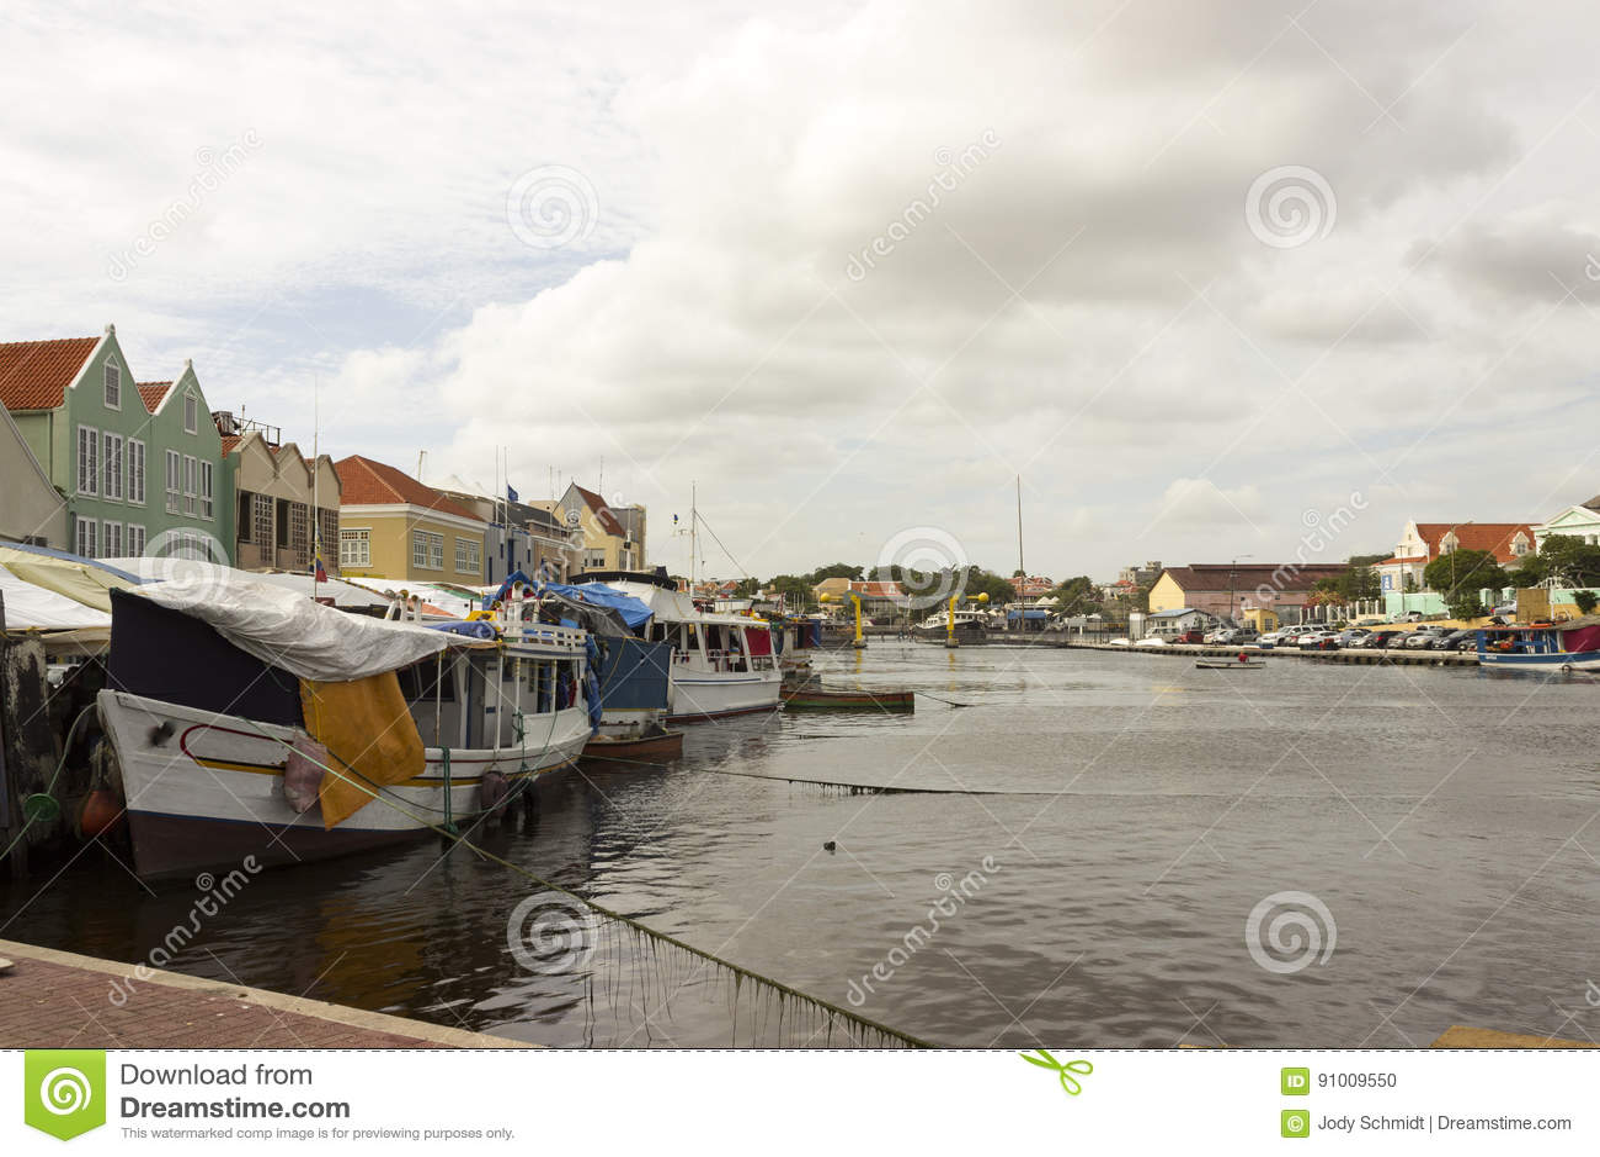 Les bateaux ont amarré derrière les bâtiments colorés iconiques du Curaçao et du marché de flottement